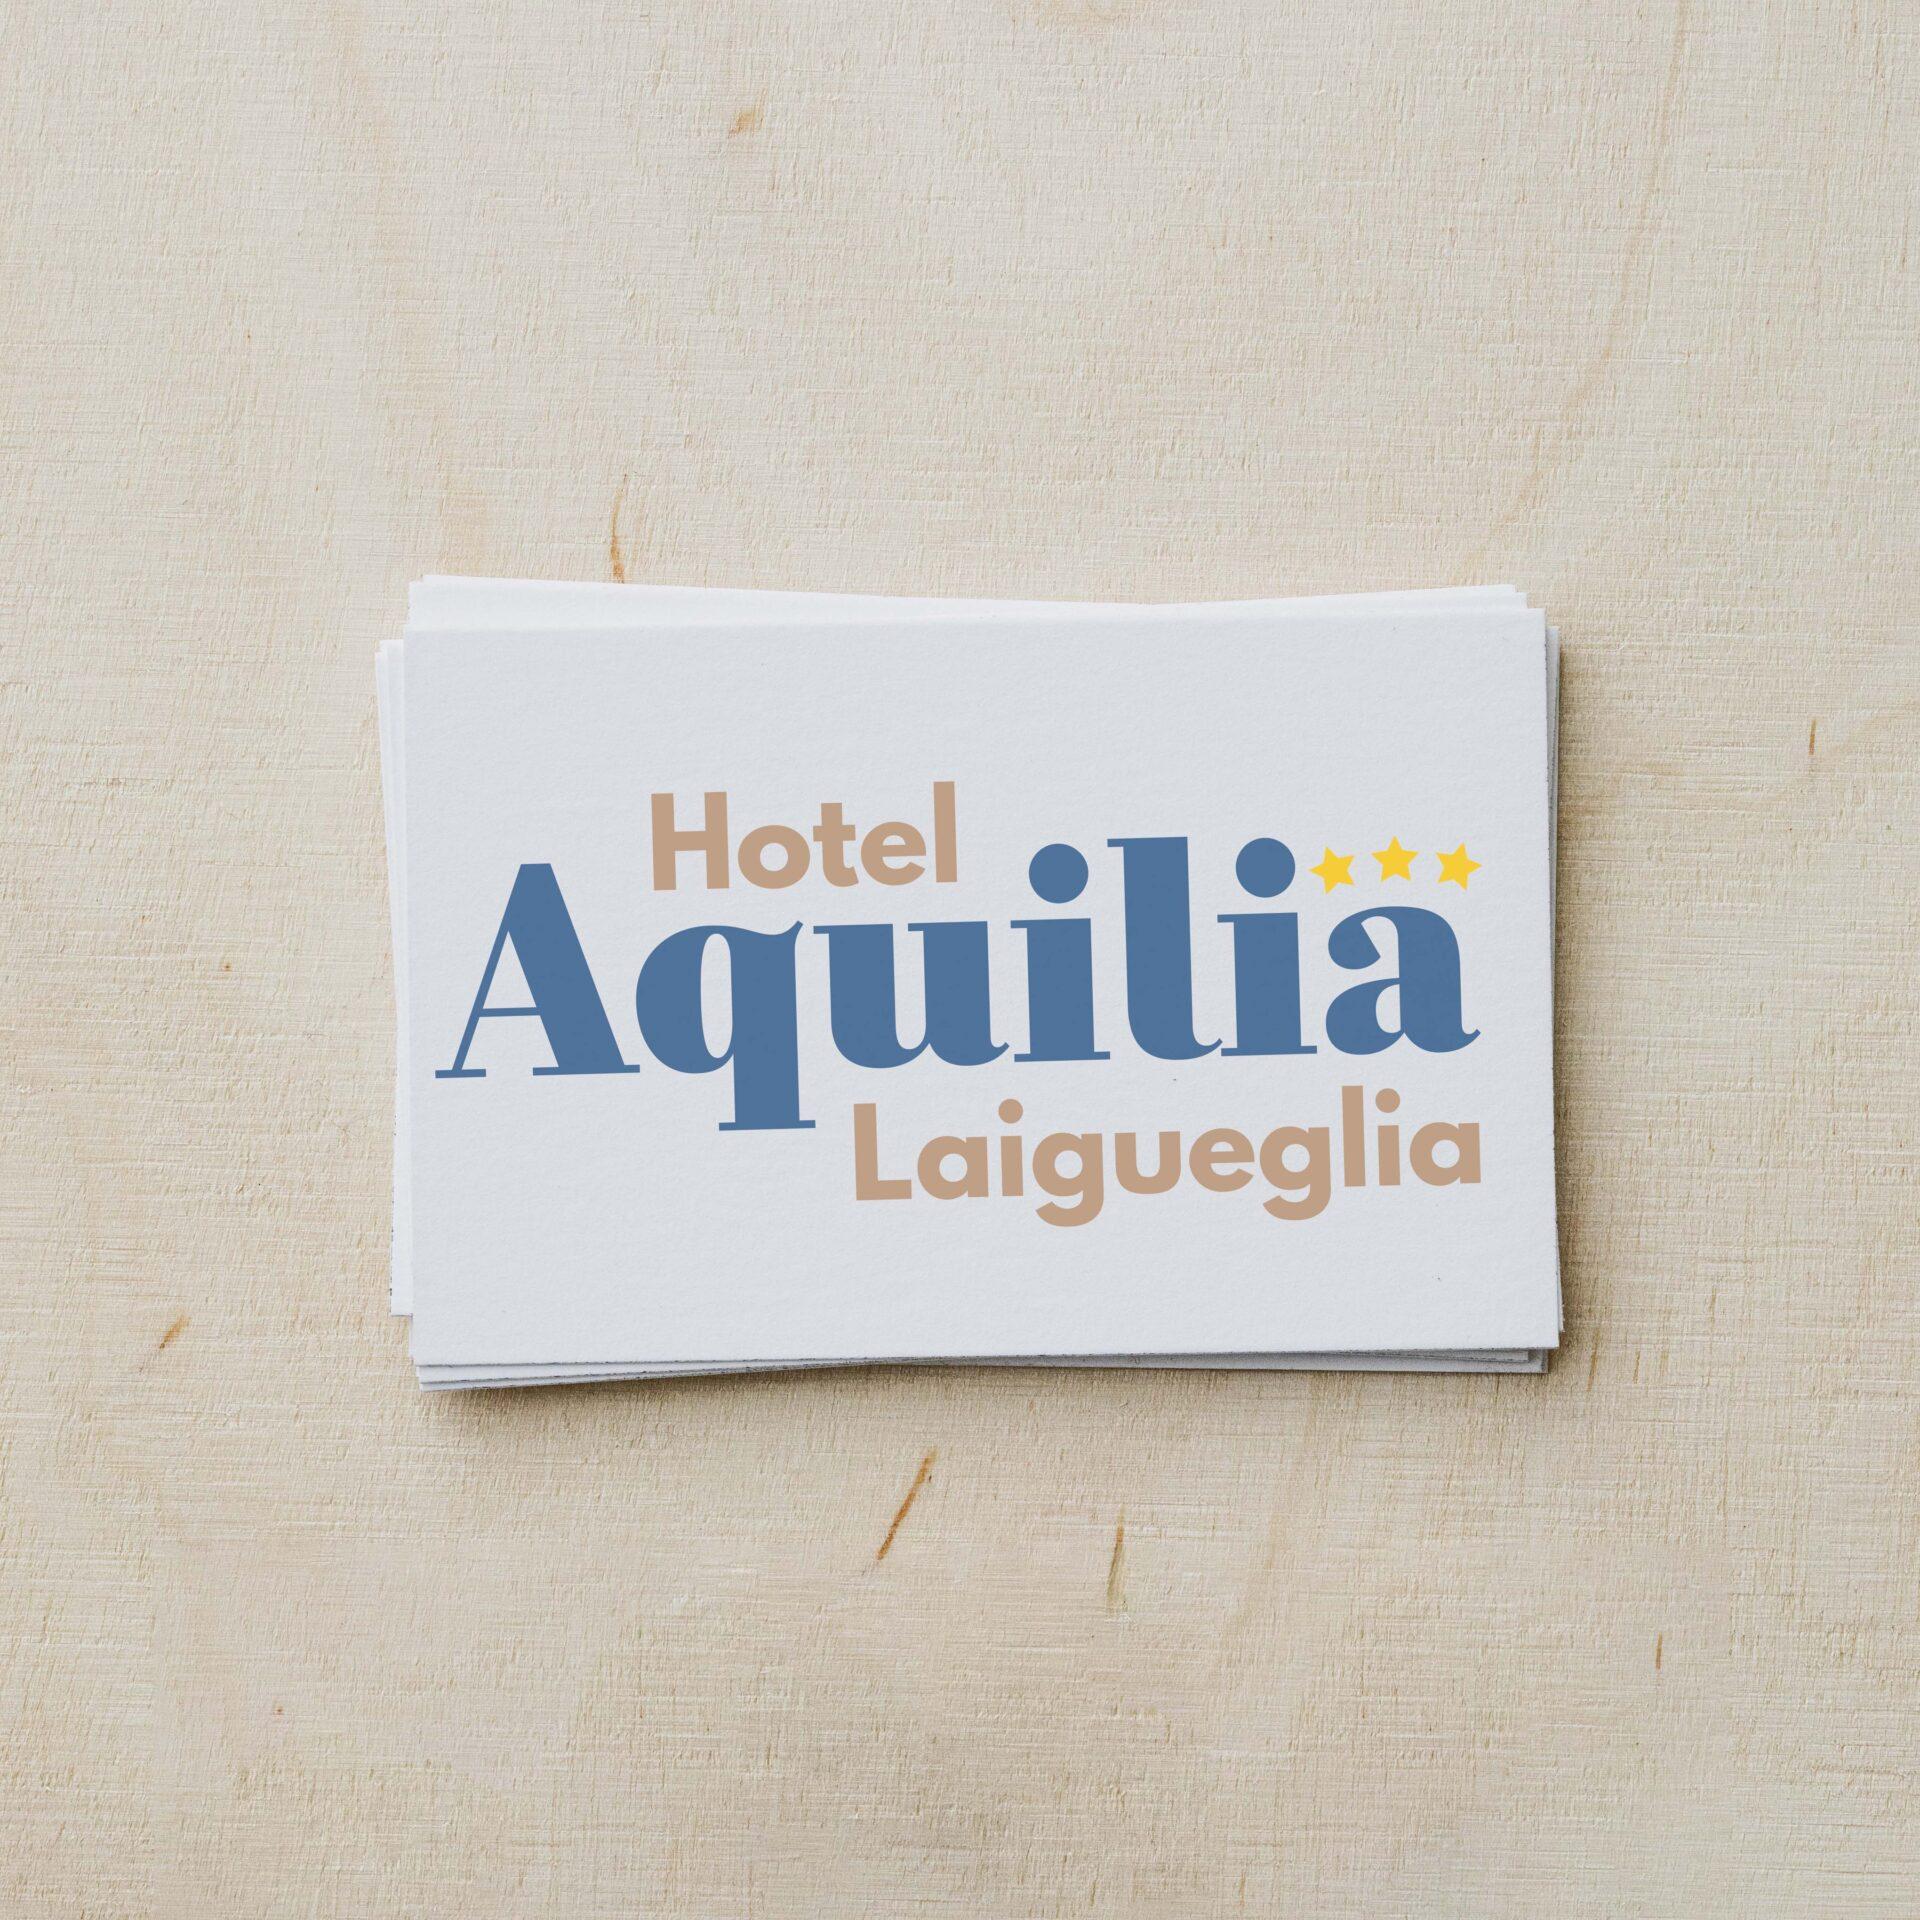 Biglietto da visita logo Hotel Aquilia